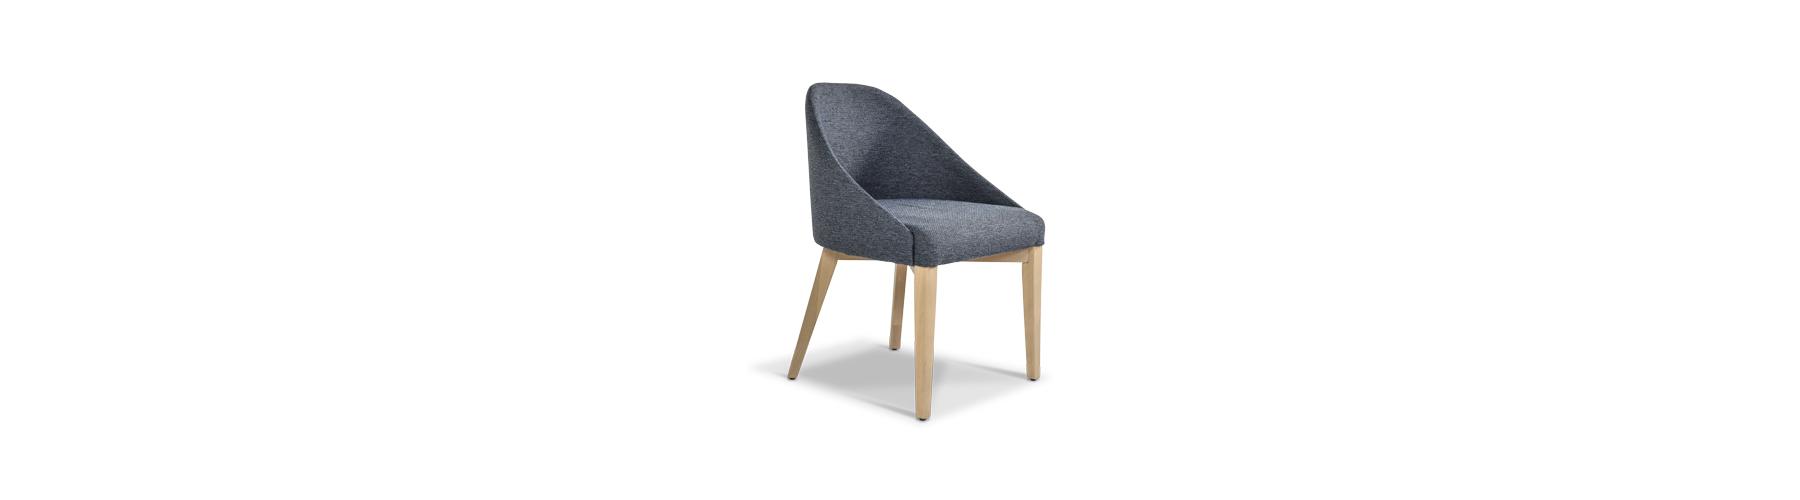 Eva - côté - Chaise - William